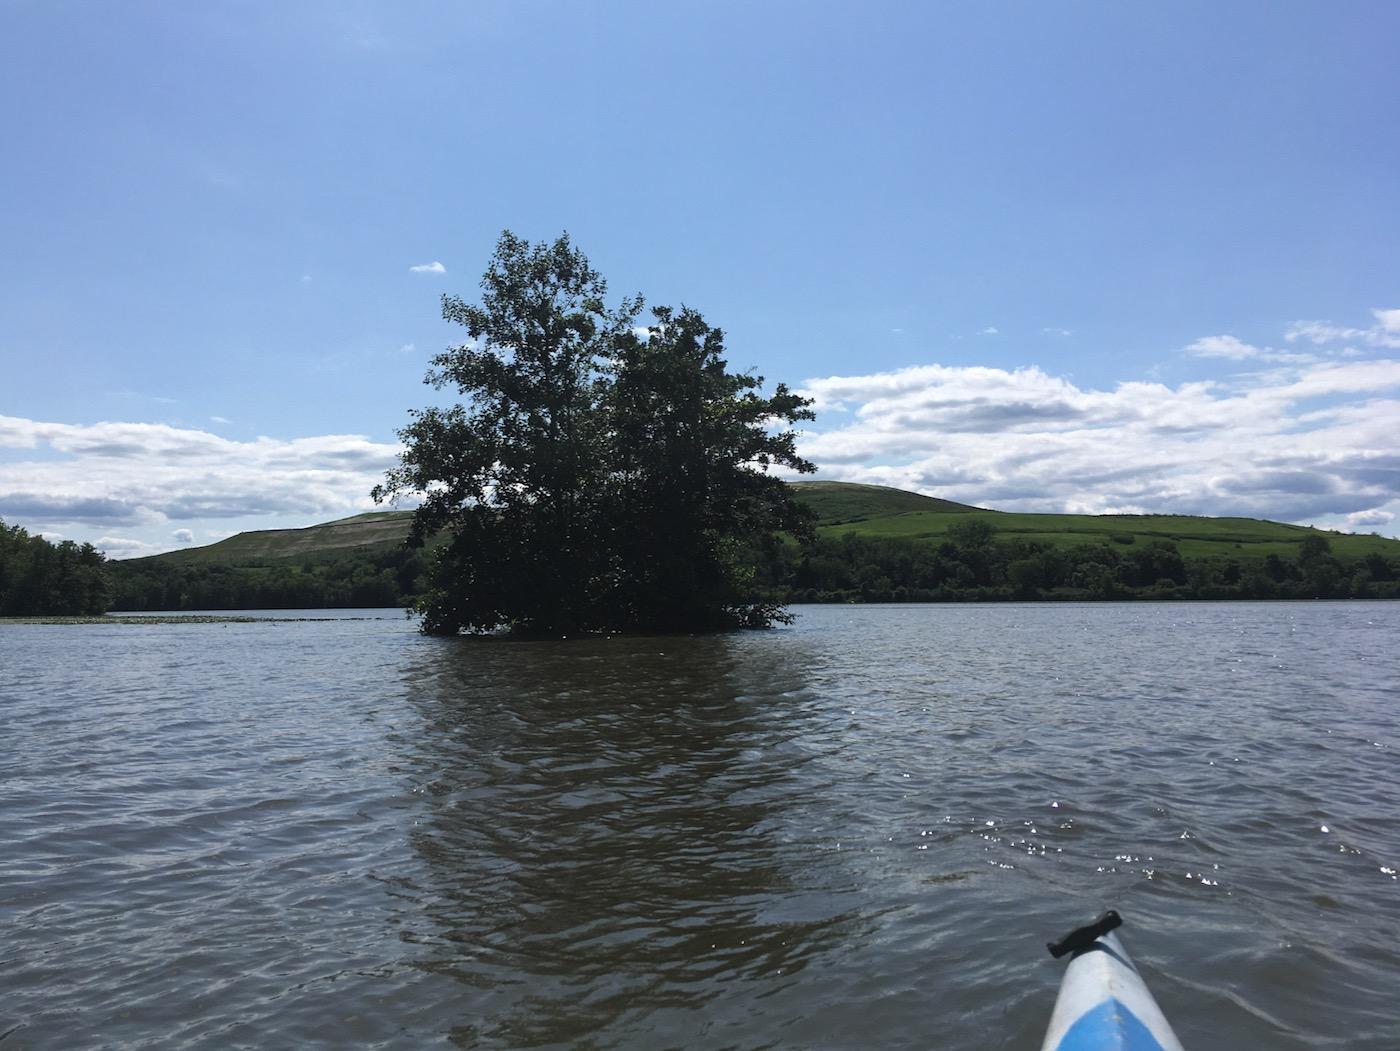 Mohawk River kayaking